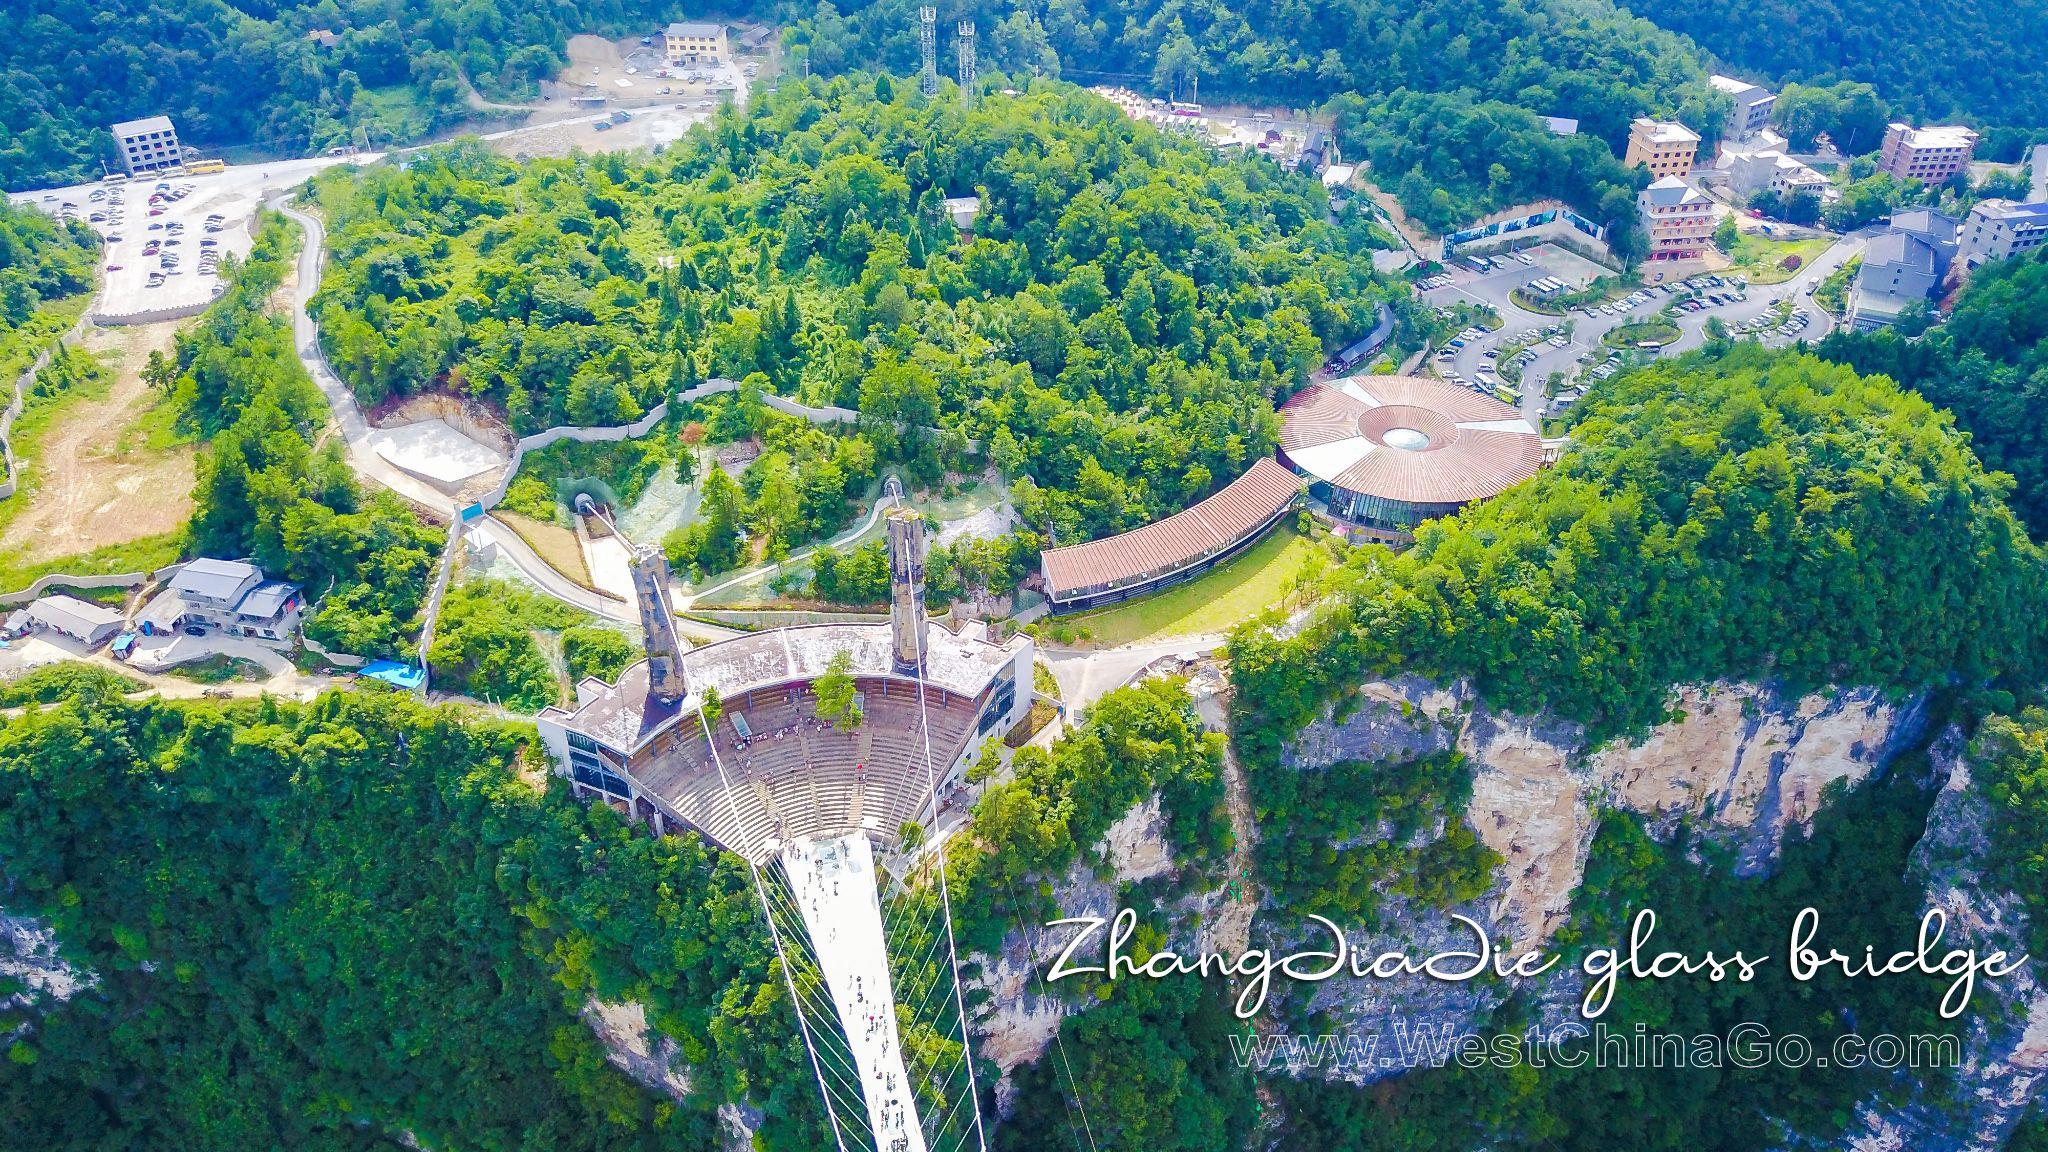 China zhangjiajie glass bridge tours chengdu westchinago